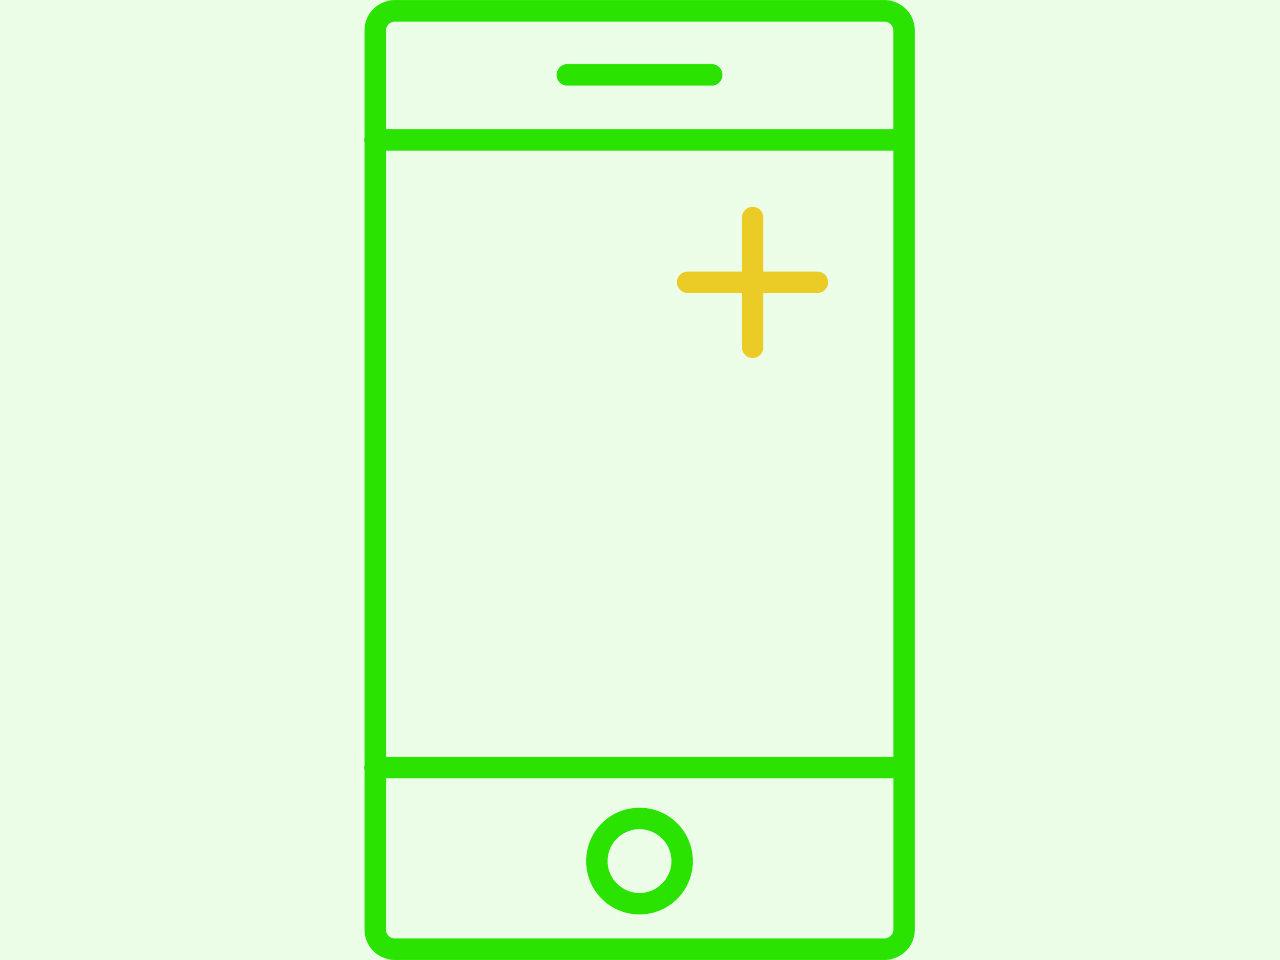 mobil, mobilabonnemang, mobiltelefon, elenergi, elförbrukning, metaller, brytning, grön, ikon, miljömärkning, märkningsområde